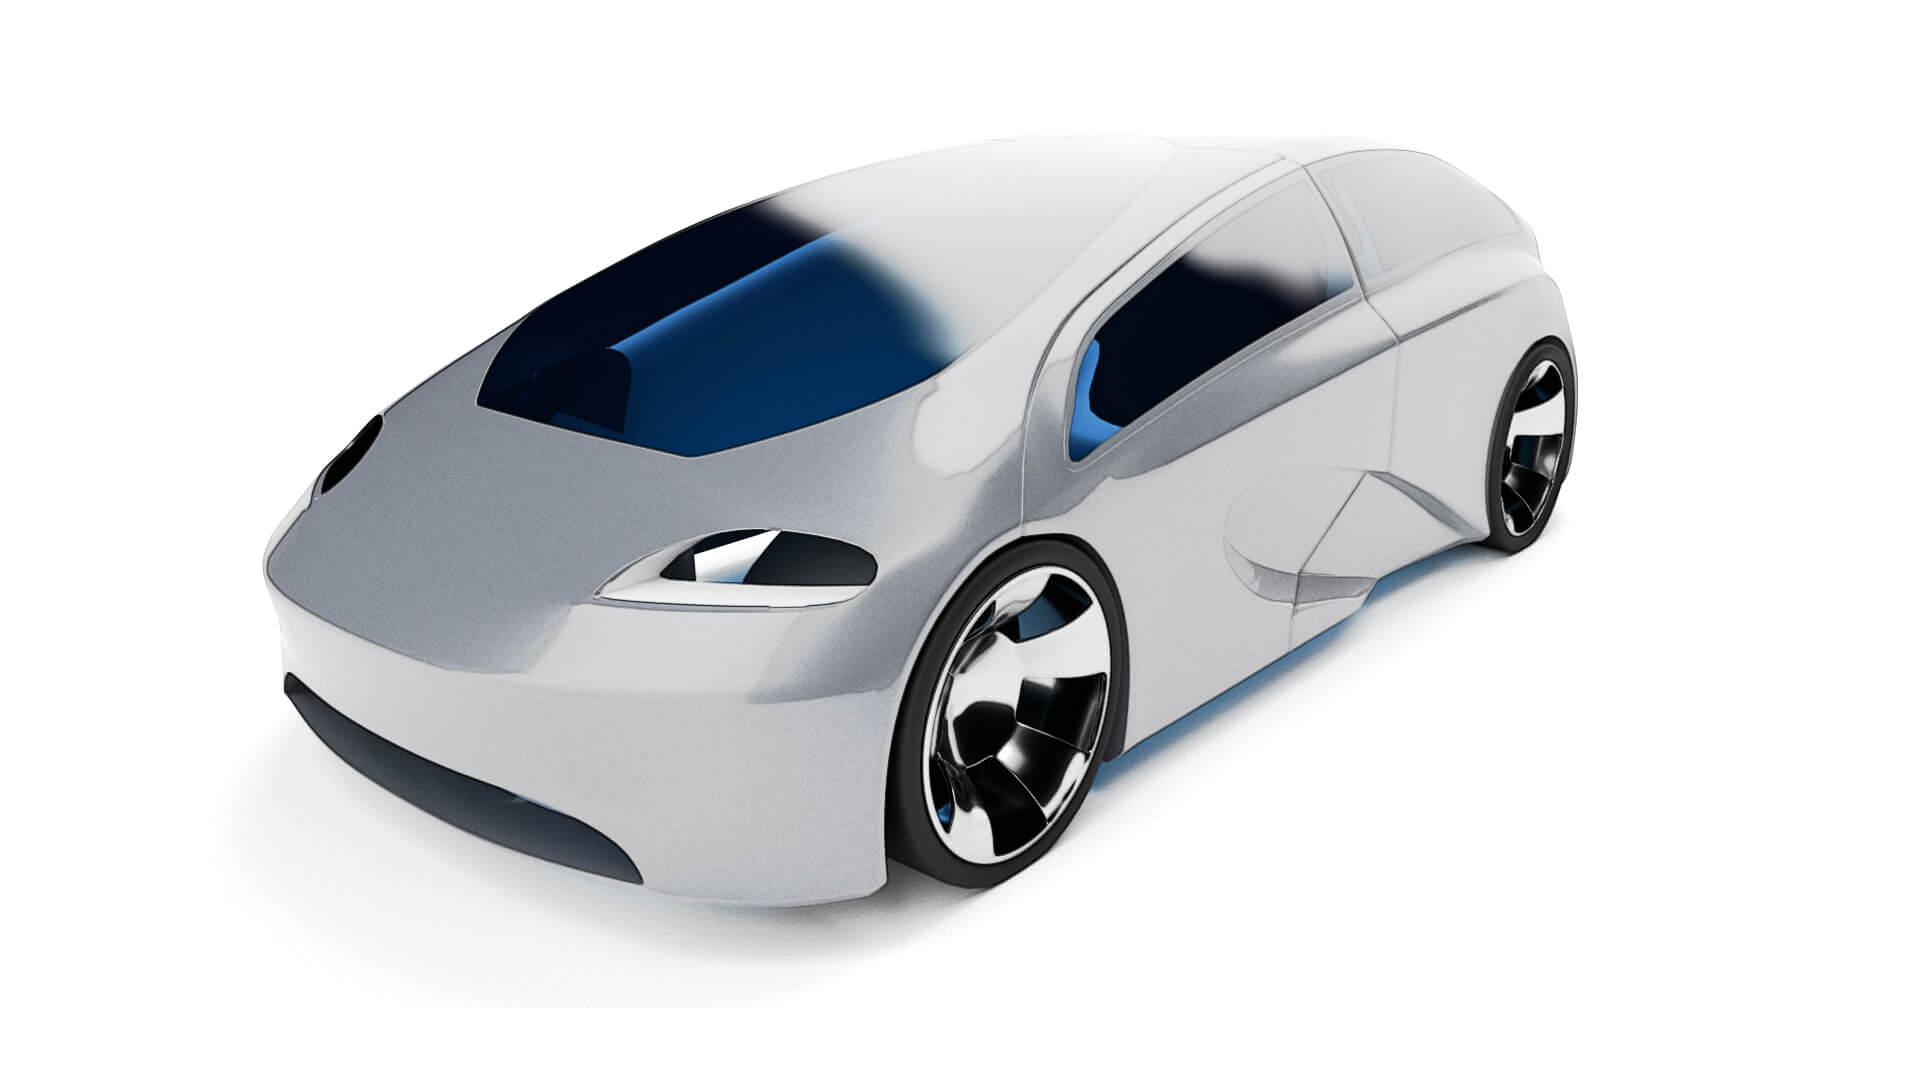 Wie sieht die Zukunft der Mobilität aus?